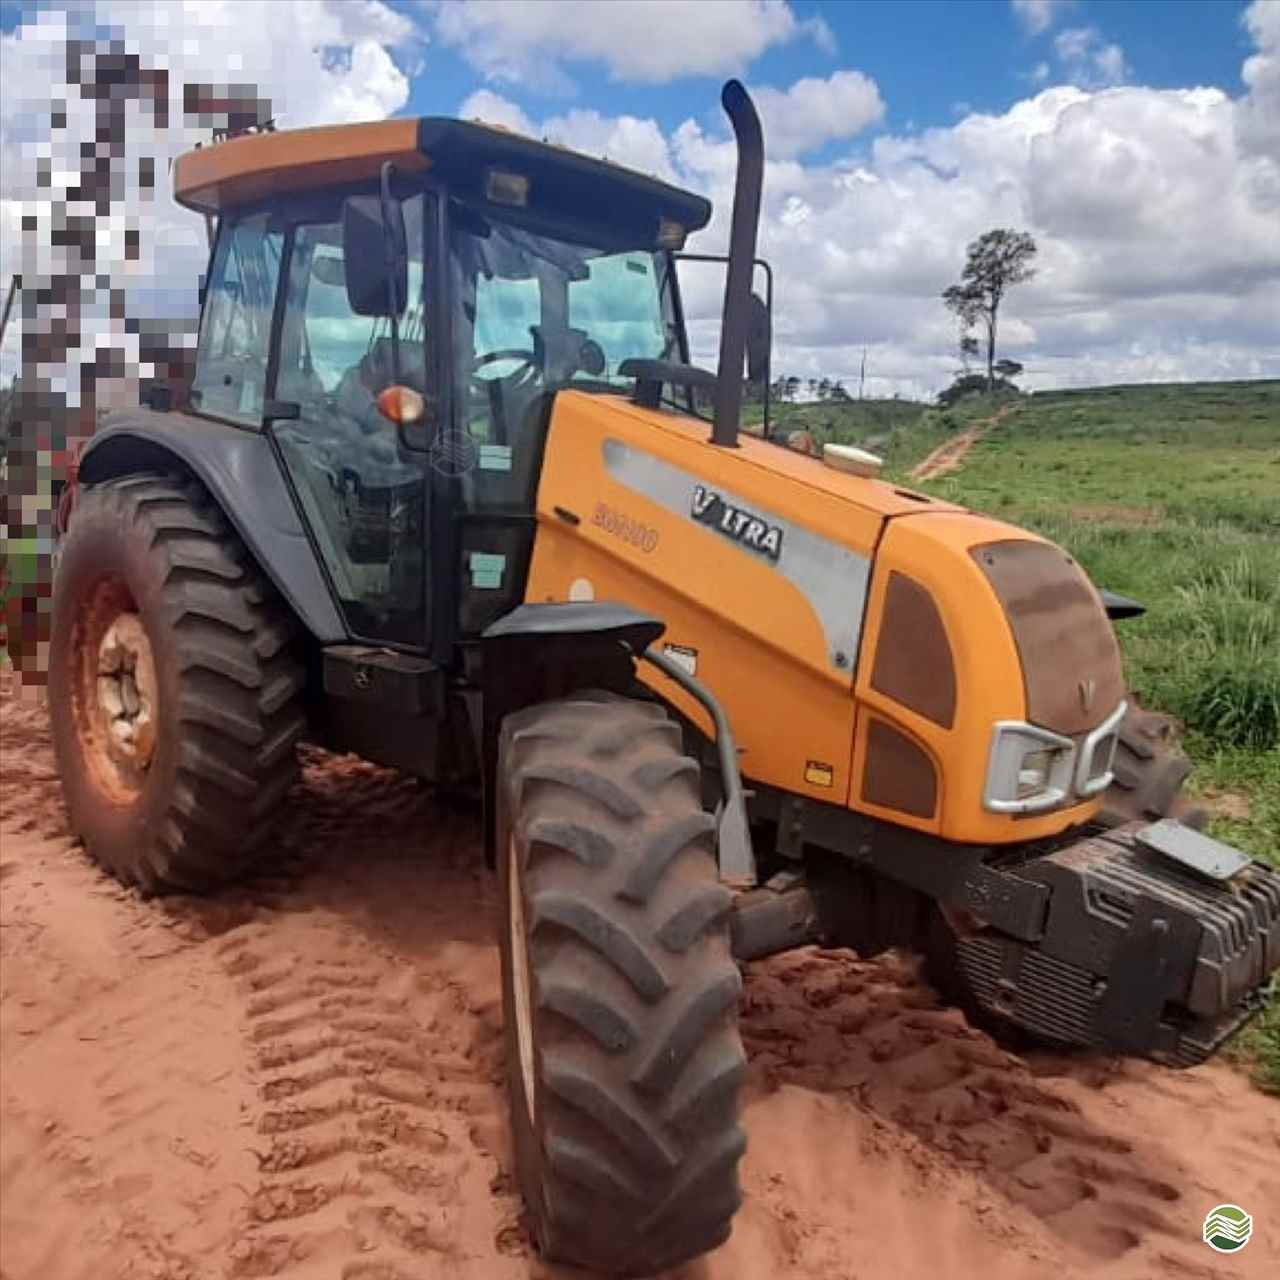 TRATOR VALTRA VALTRA BM 100 Tração 4x4 Rural Vendas TERRA ROXA PARANÁ PR